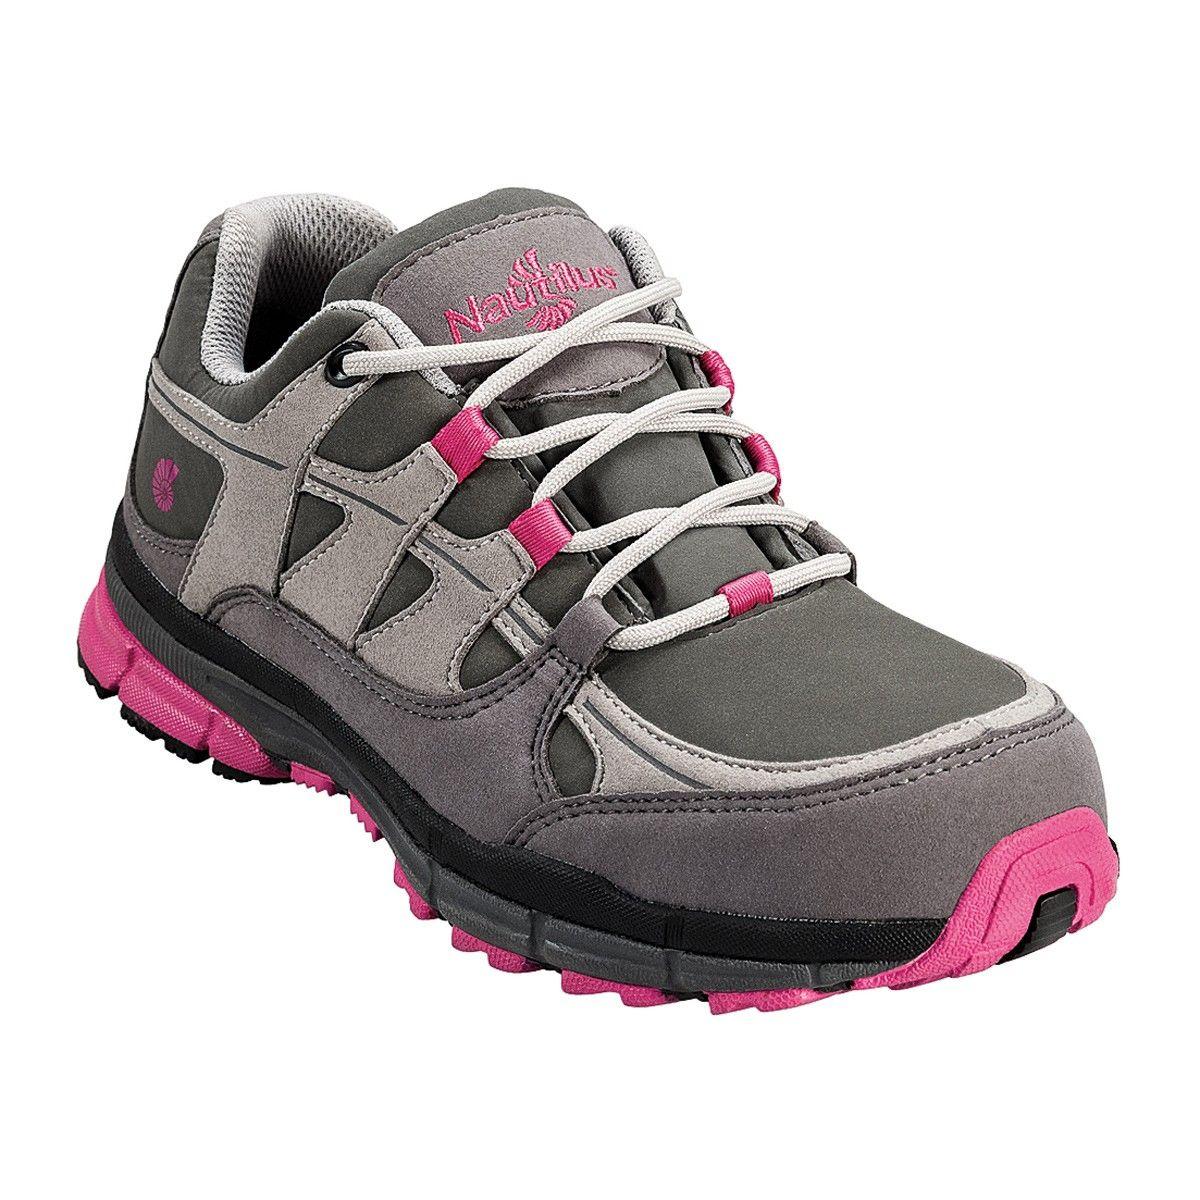 Steel toe sneakers, Steel toe shoes